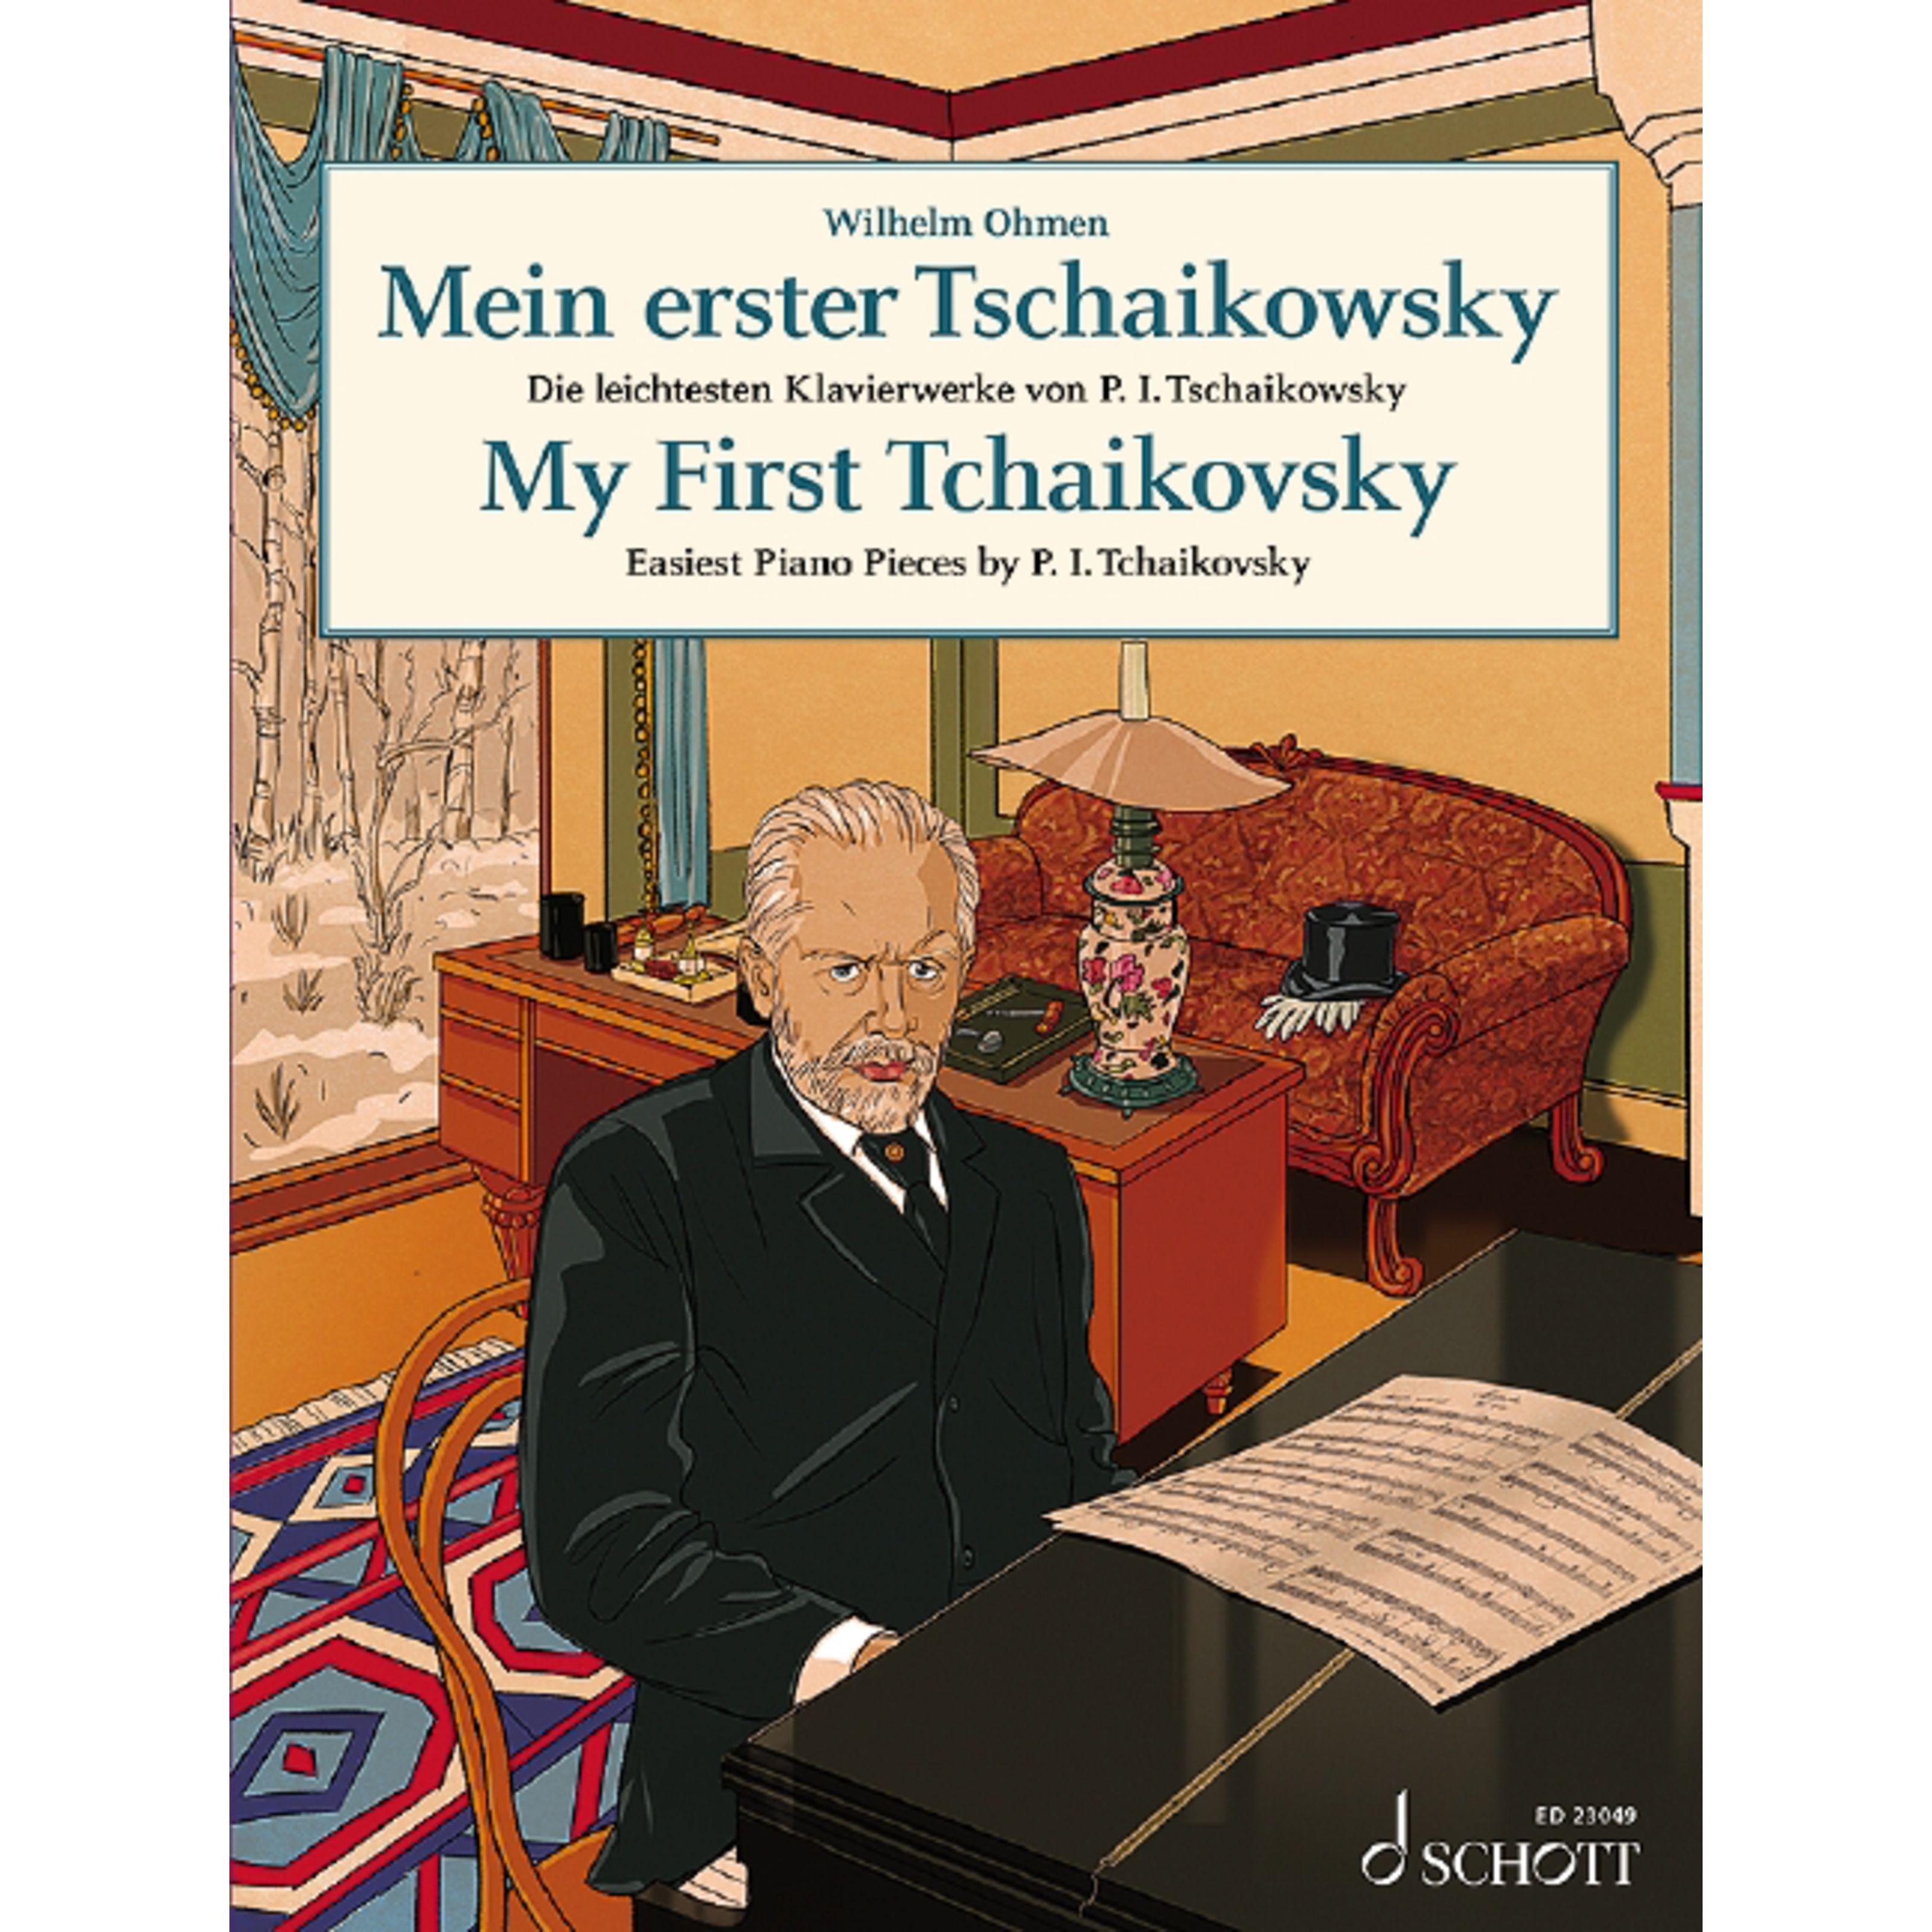 Schott Music - Mein erster Tschaikowsky ED 23049